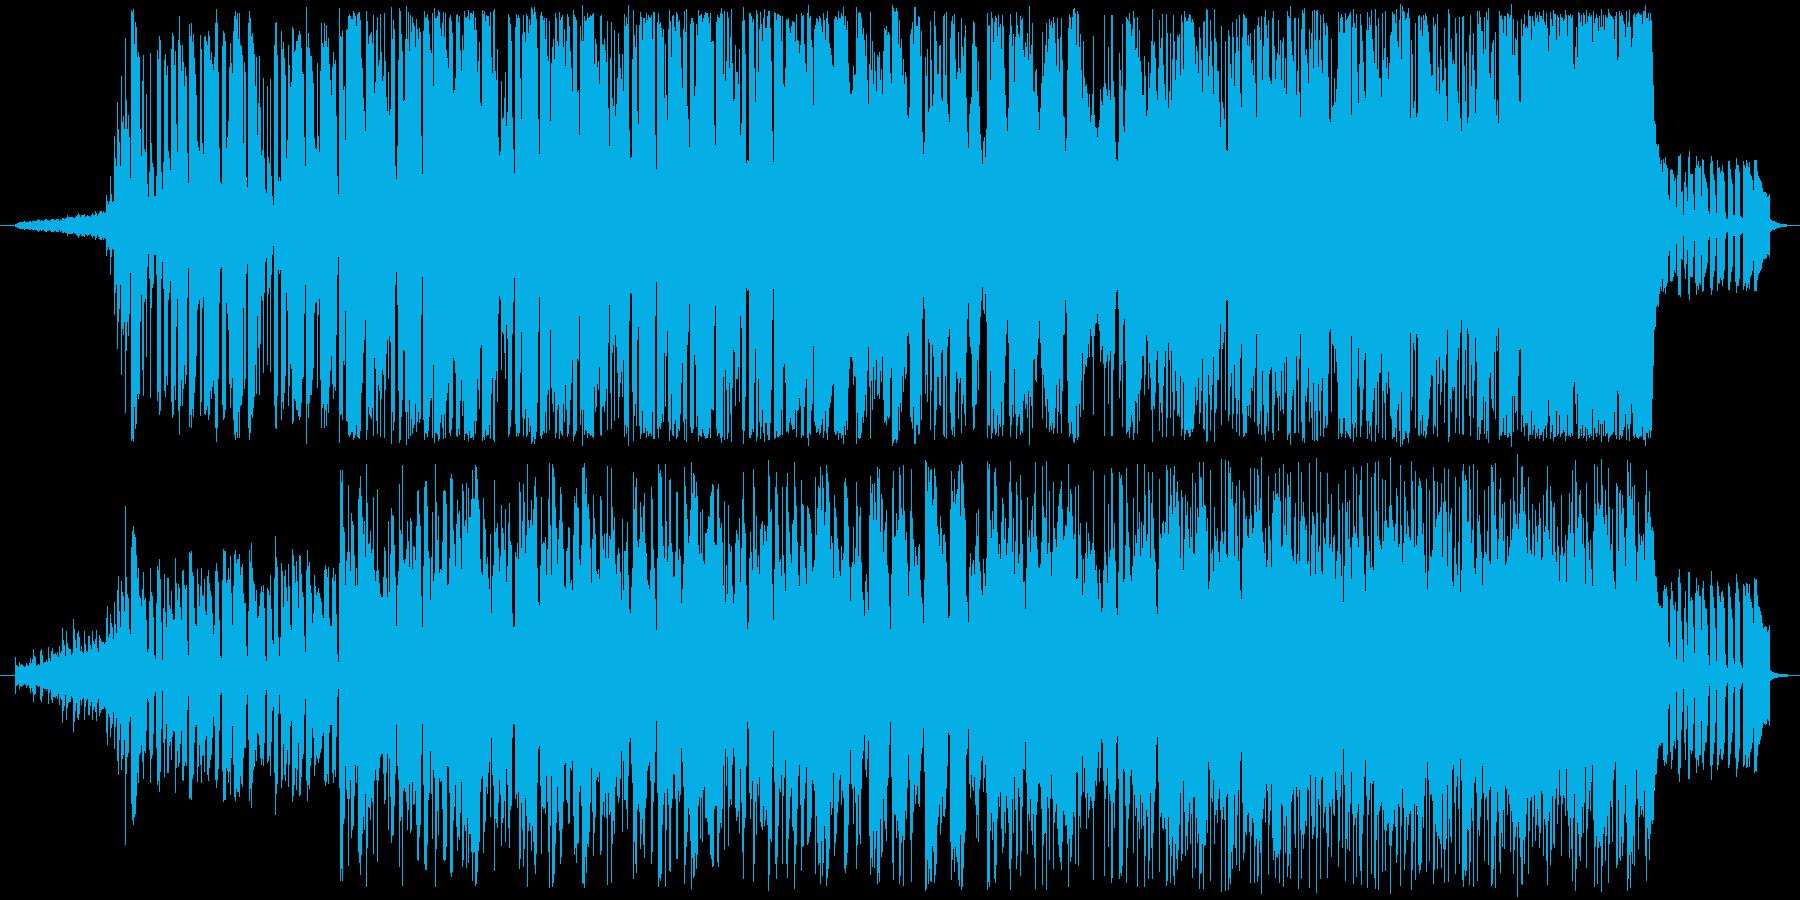 80'sのメロウ感のあるサンバリズムの曲の再生済みの波形